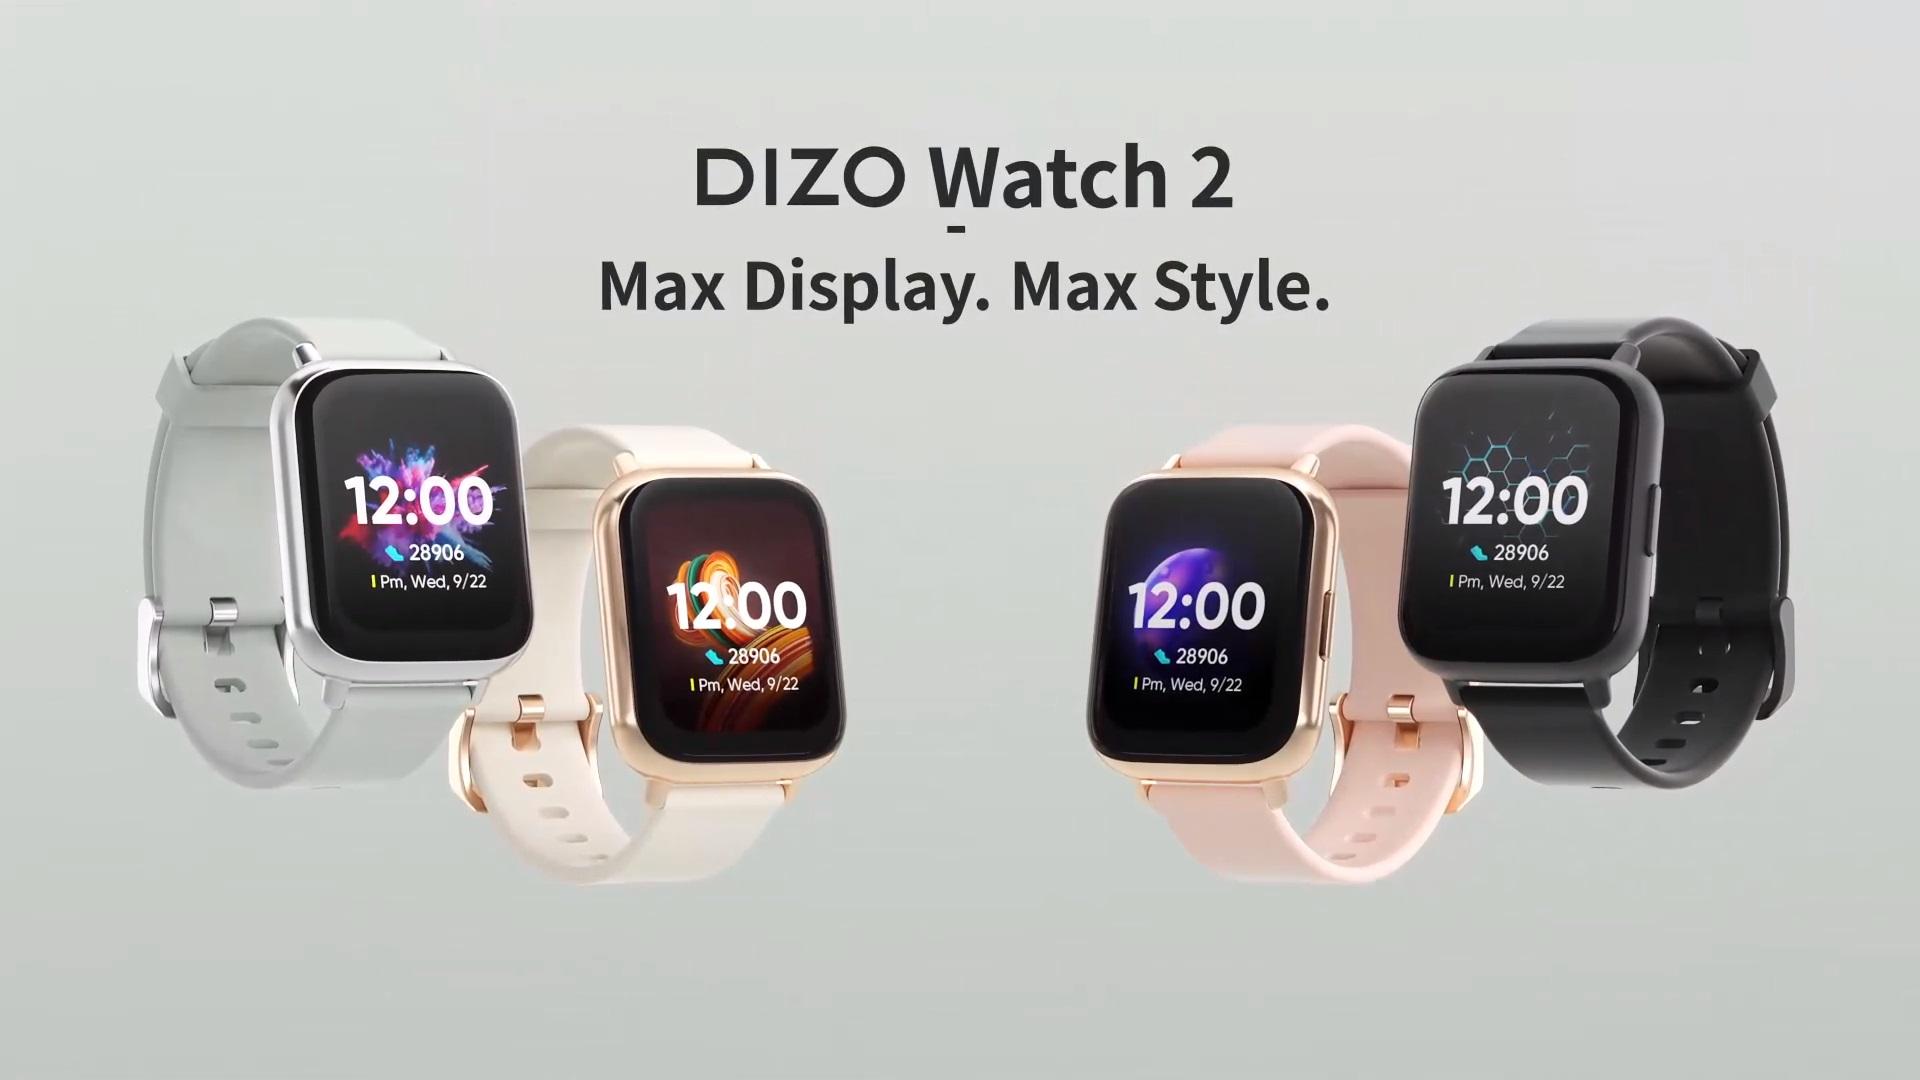 DIZO Watch 2 smartwatch